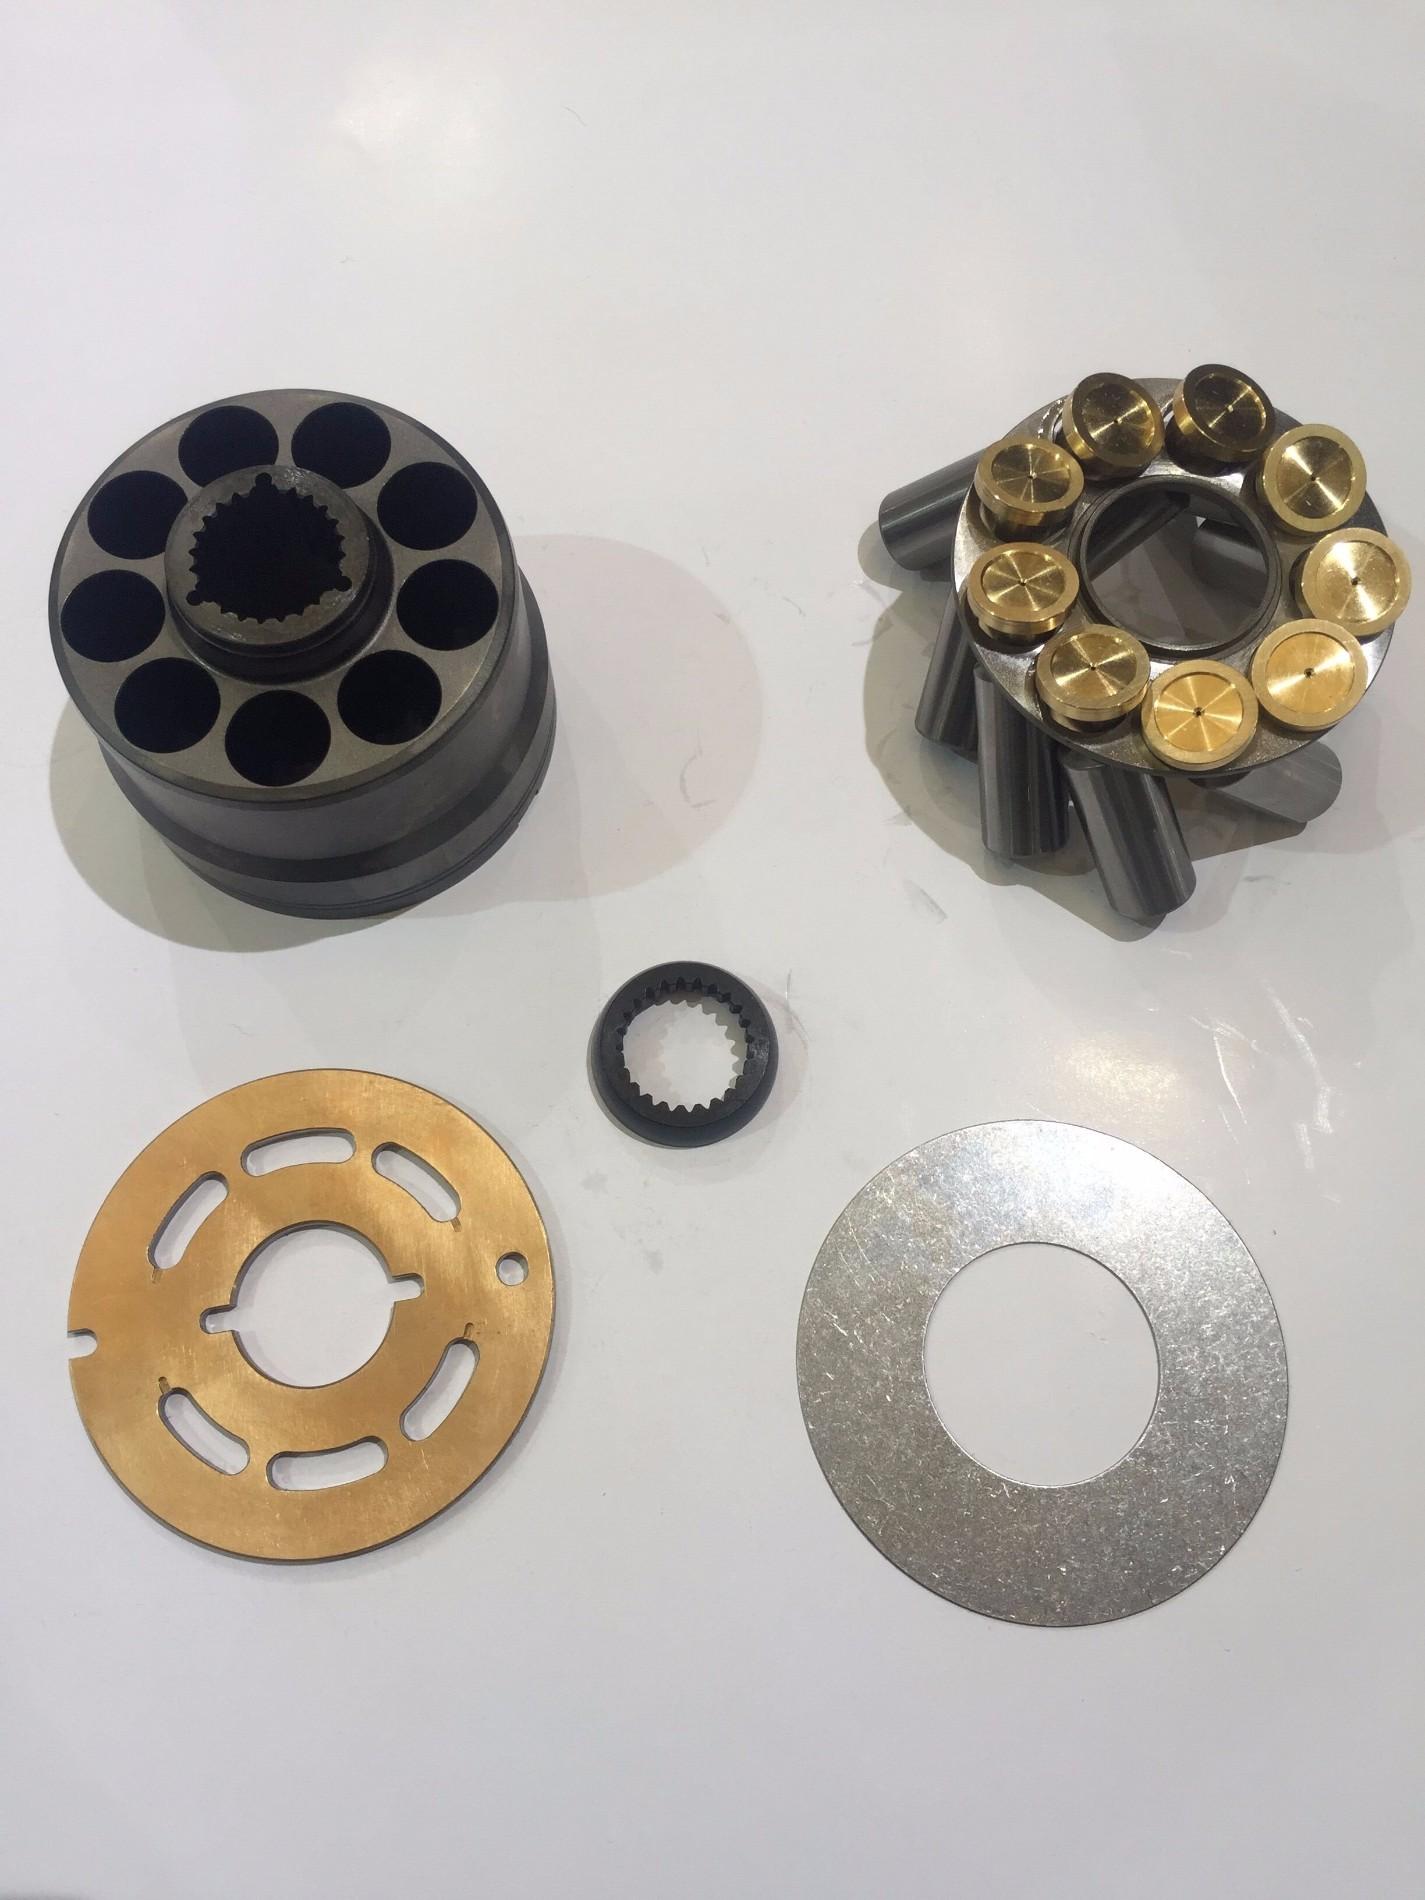 OEM Replacement Sauer Danfoss Hydraulic Pump Parts KRR045C KRL045C LRR025 LRR030